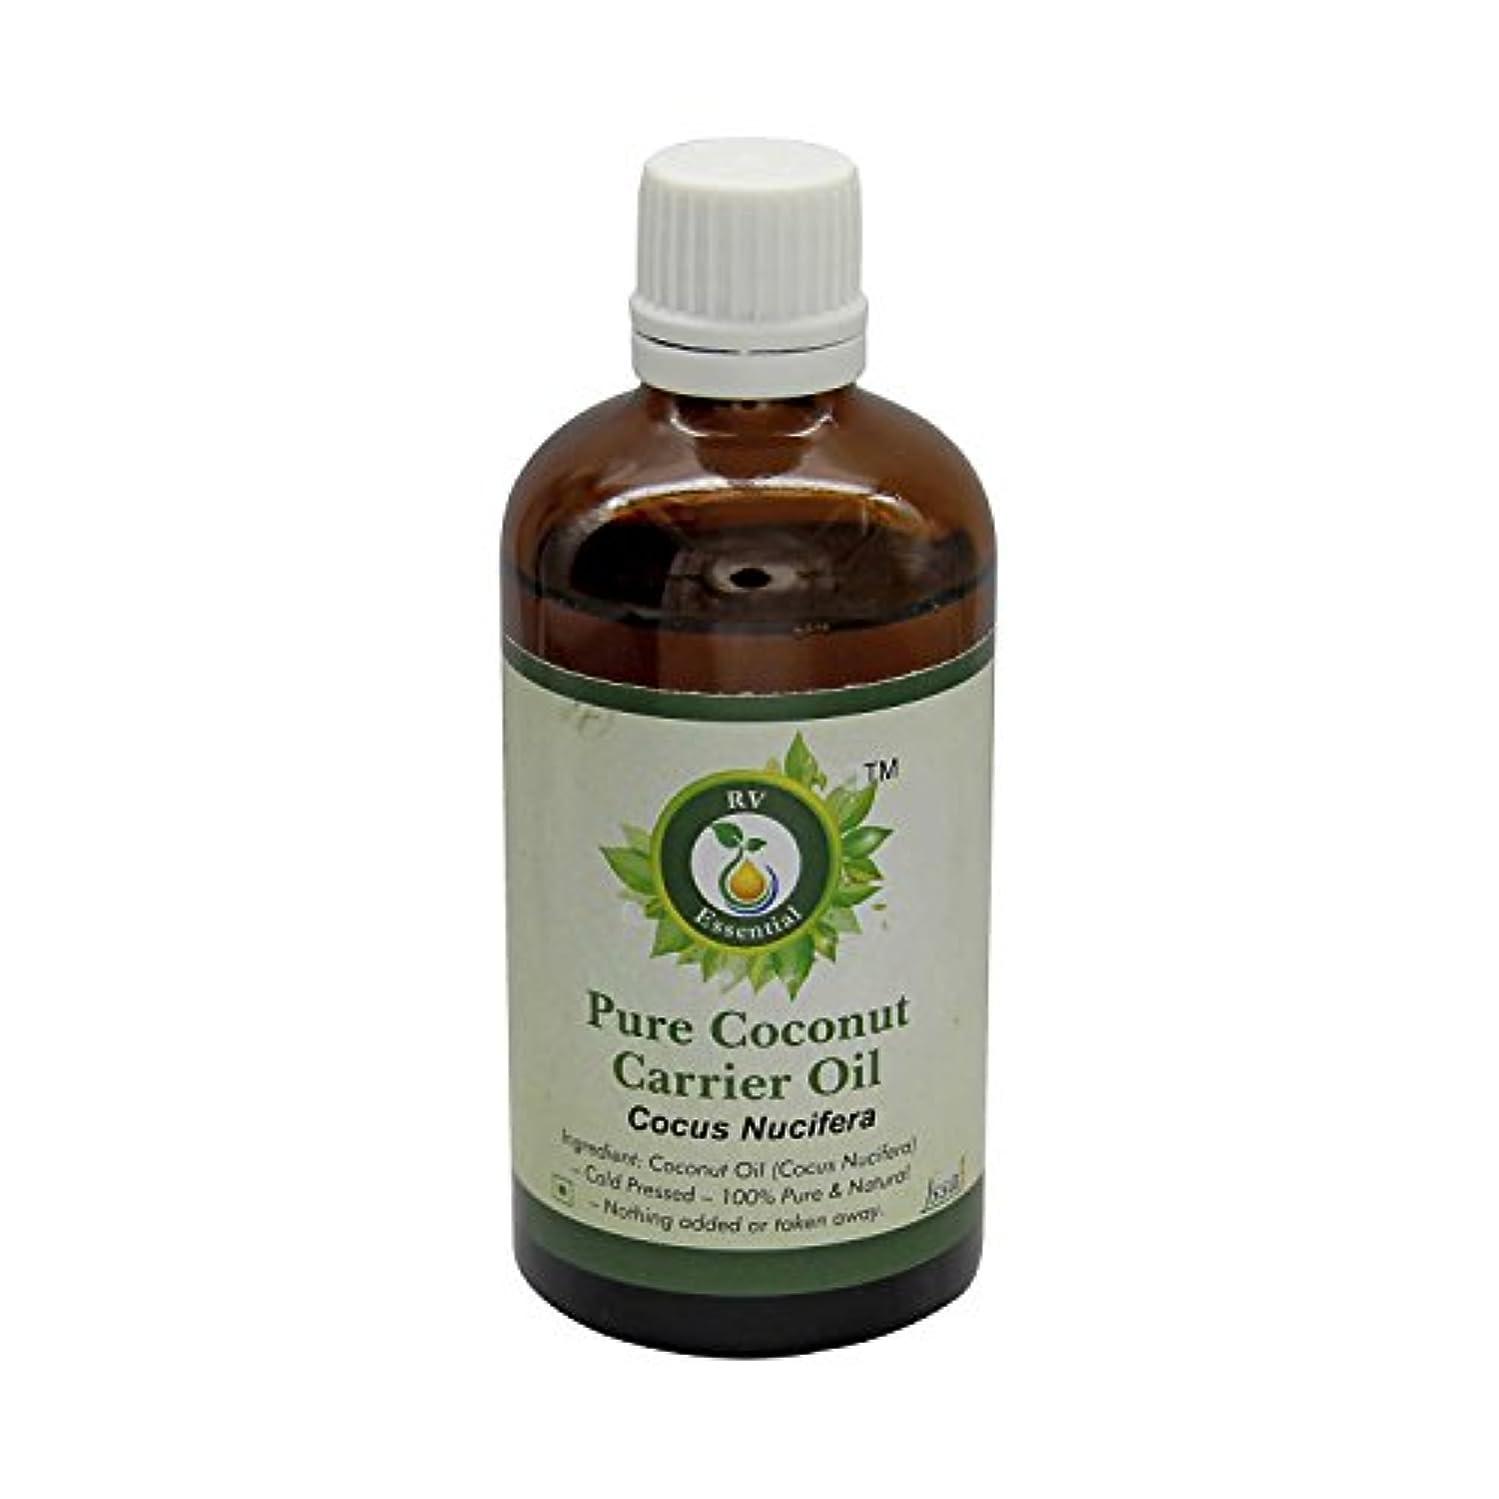 覗く盲目鼓舞するR V Essential 純粋なココナッツキャリアオイル50ml (1.69oz)- Cocus Nucifera (100%ピュア&ナチュラルコールドPressed) Pure Coconut Carrier Oil